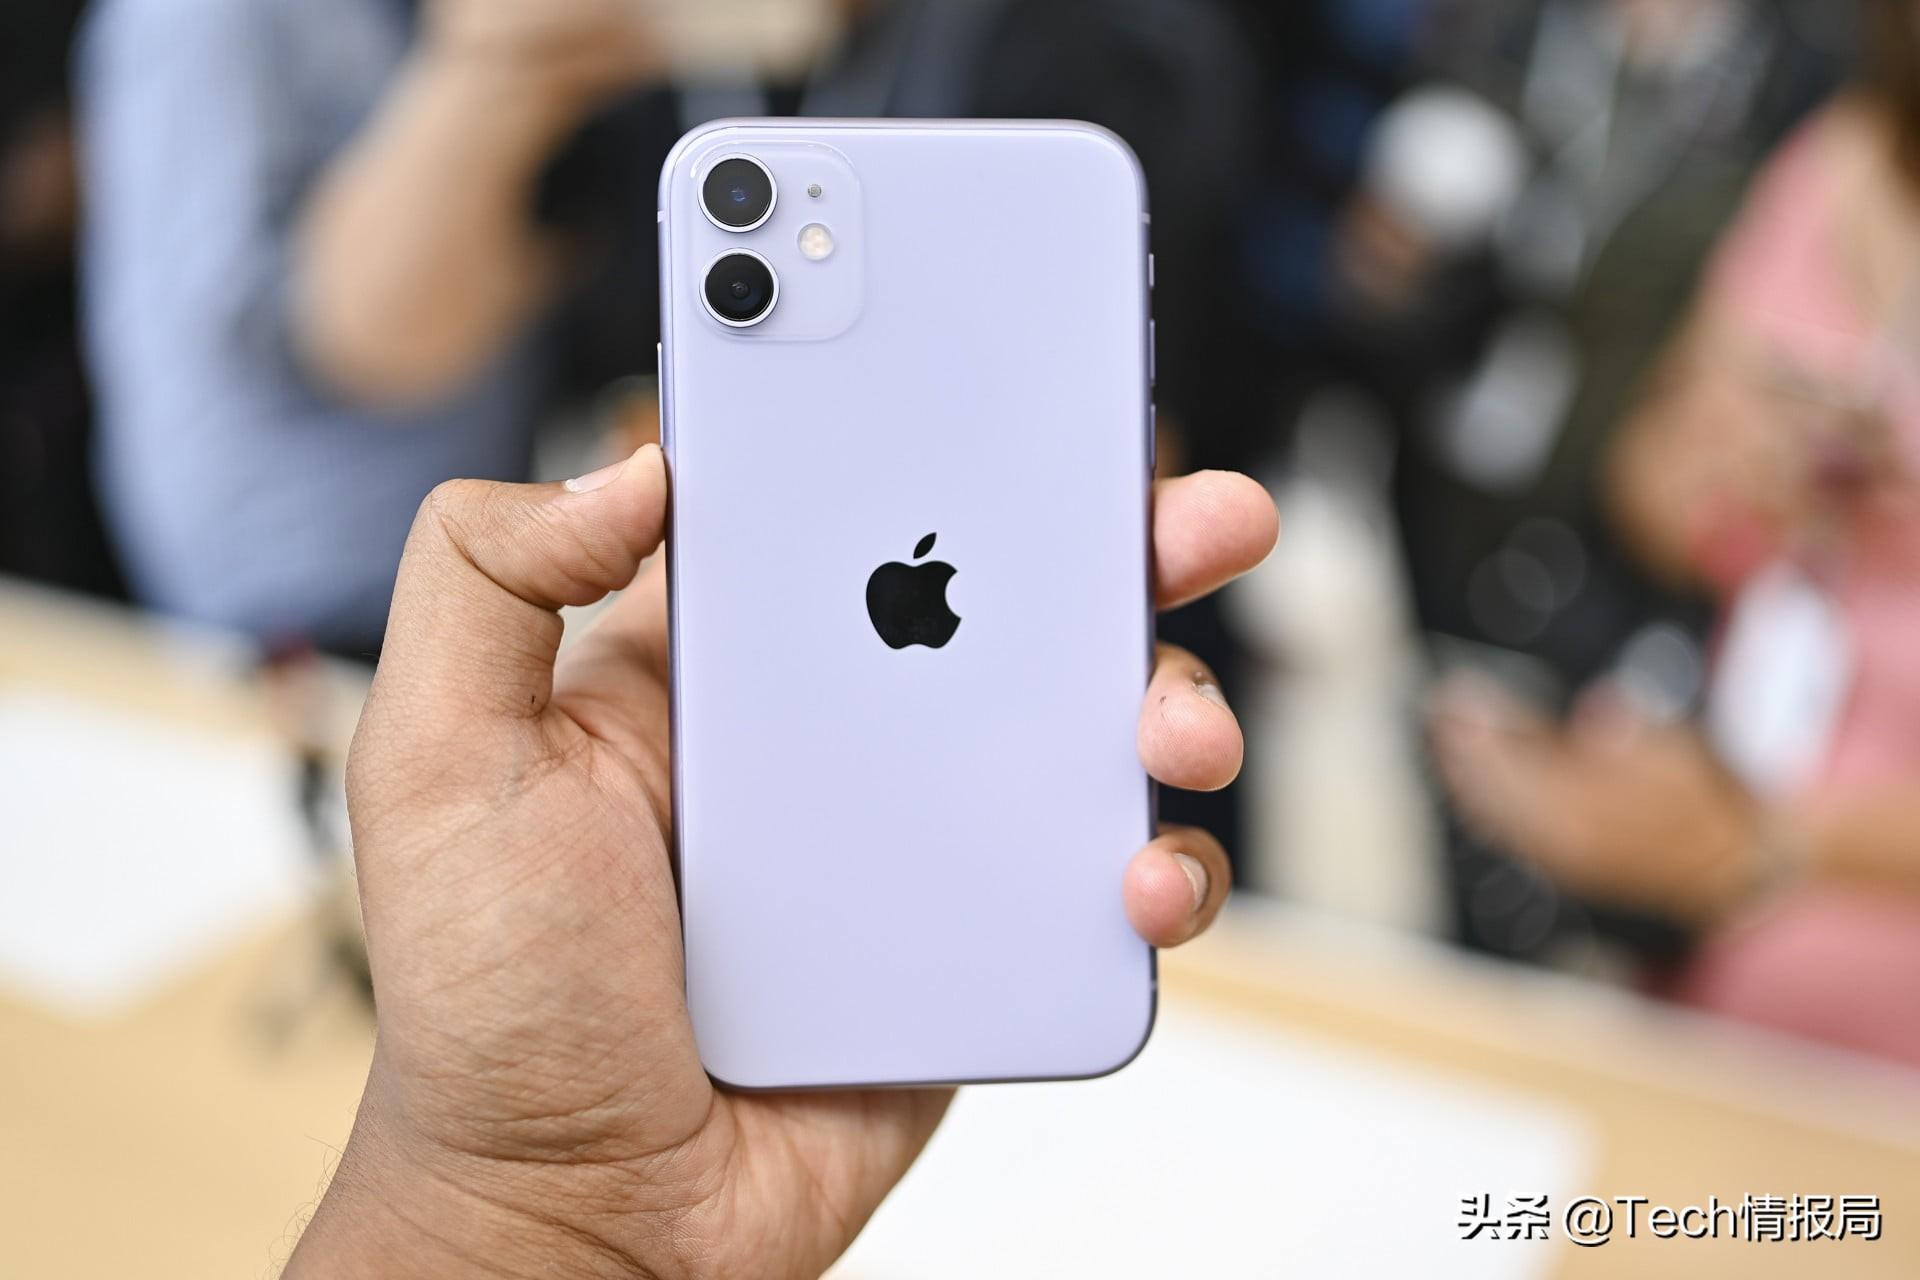 二手手机市场行情:苹果、华为最受欢迎,iPhone11夺冠